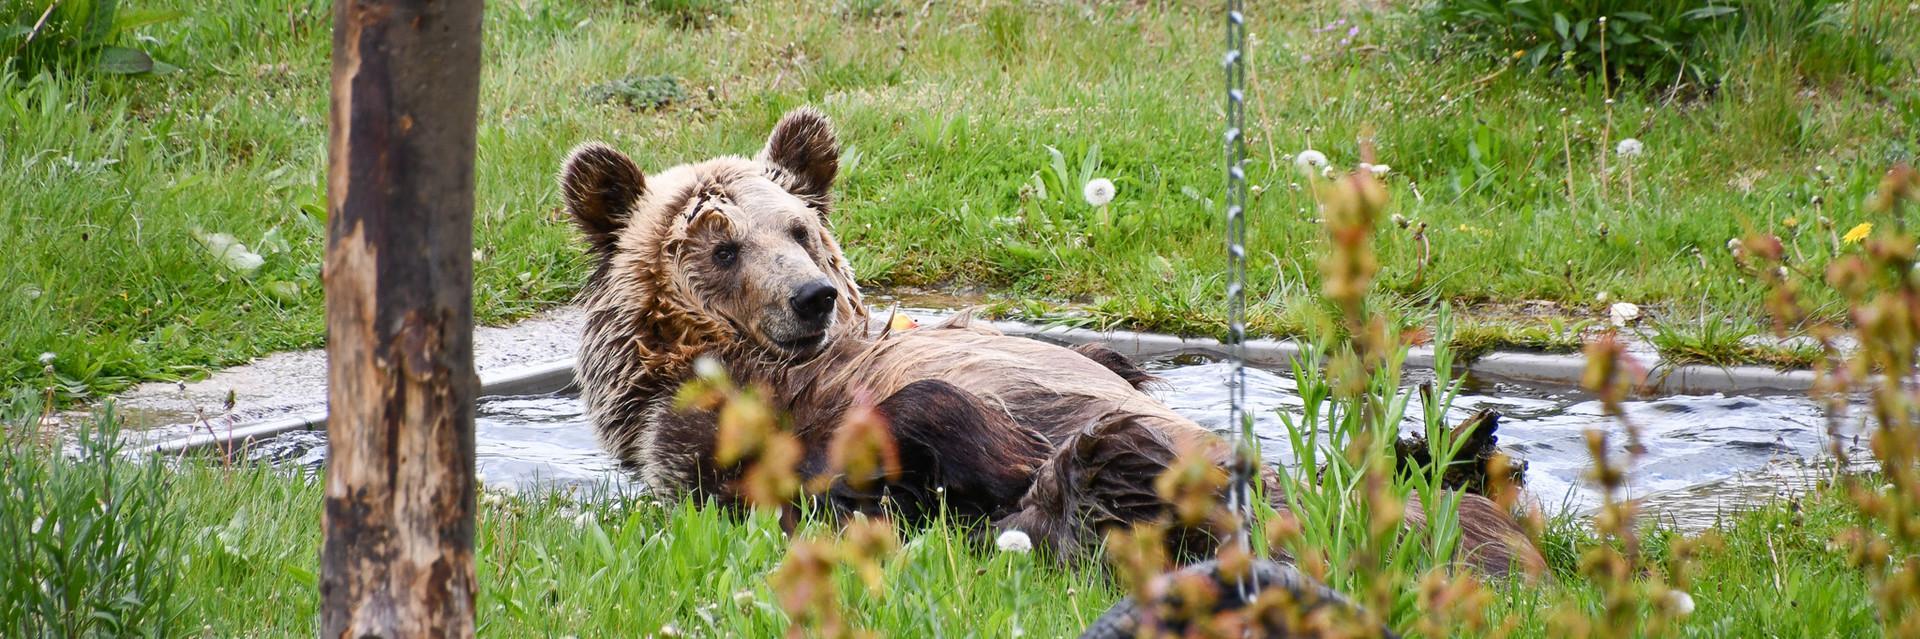 Bärenvideos entdecken